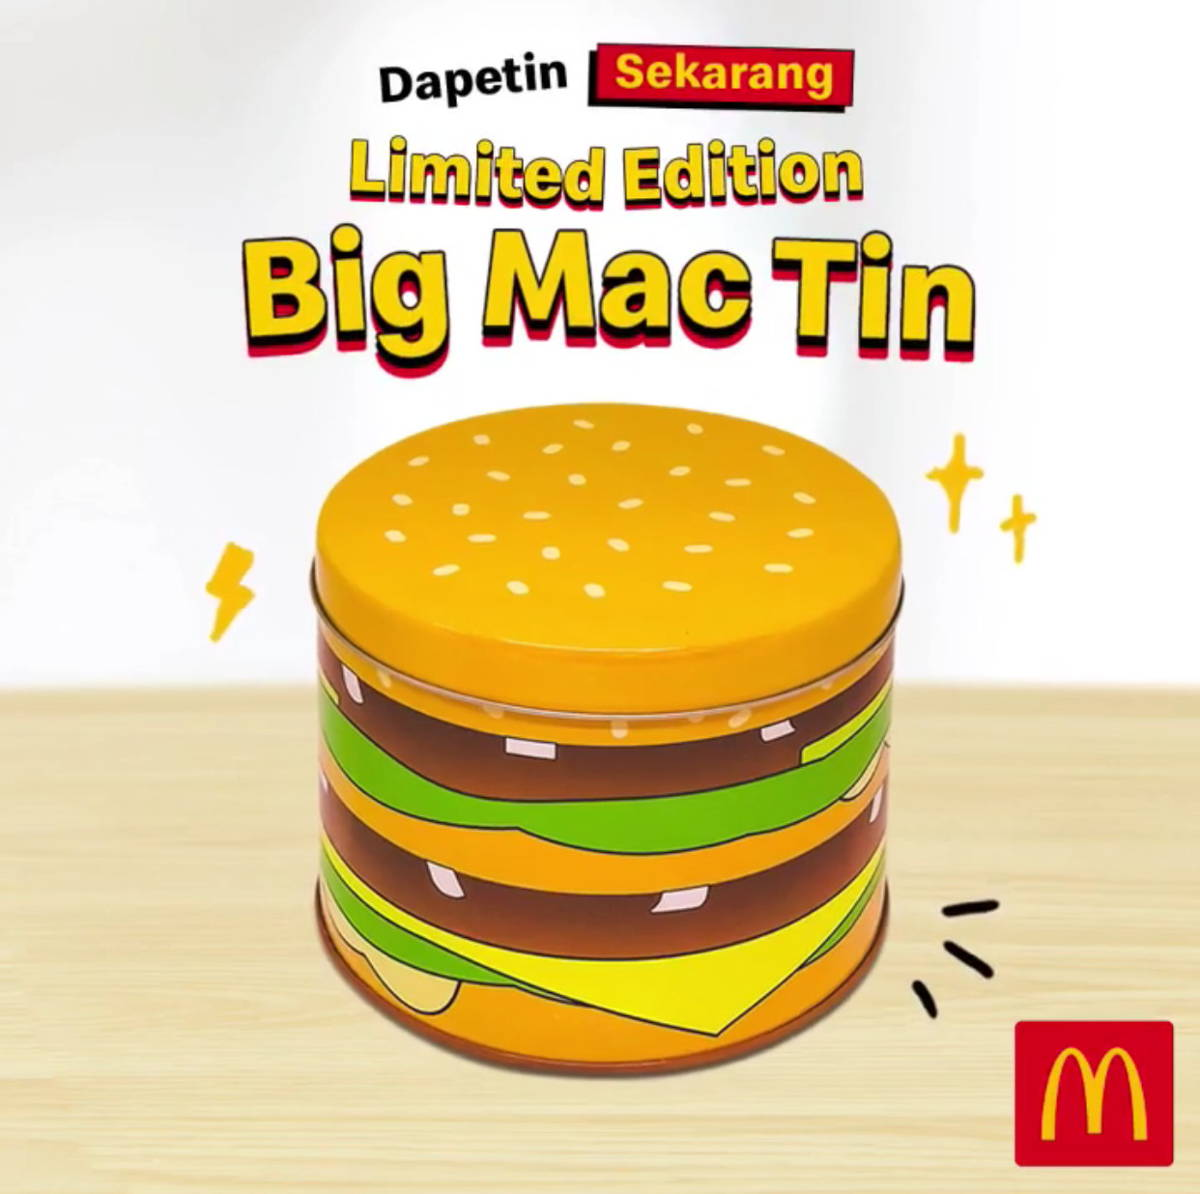 Katalog Promo: McDonalds: PROMO Limited Edition Big Mac Tin! Cukup nambah Rp 12.727 saja dengan di sertai pembelian Paket Hemat Big Mac atau Big Mac McFlavor Set - 1